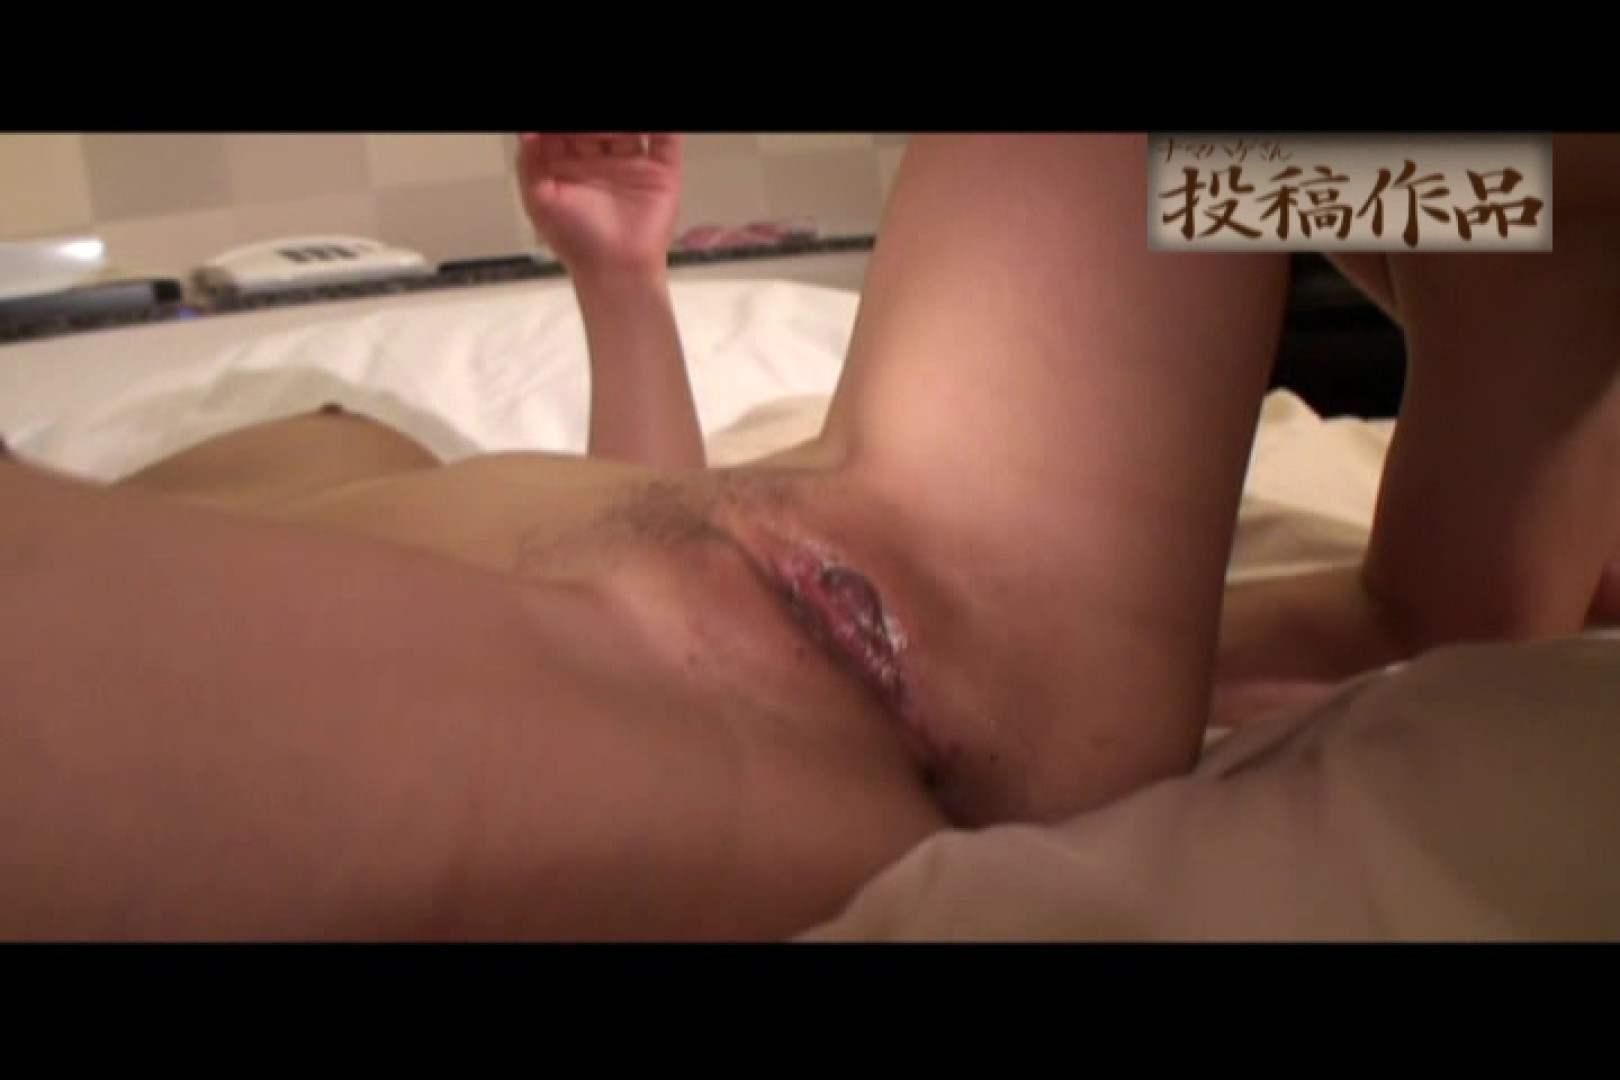 ナマハゲさんのまんこコレクションmayumi02 パイパン映像 | 一般投稿  106pic 15